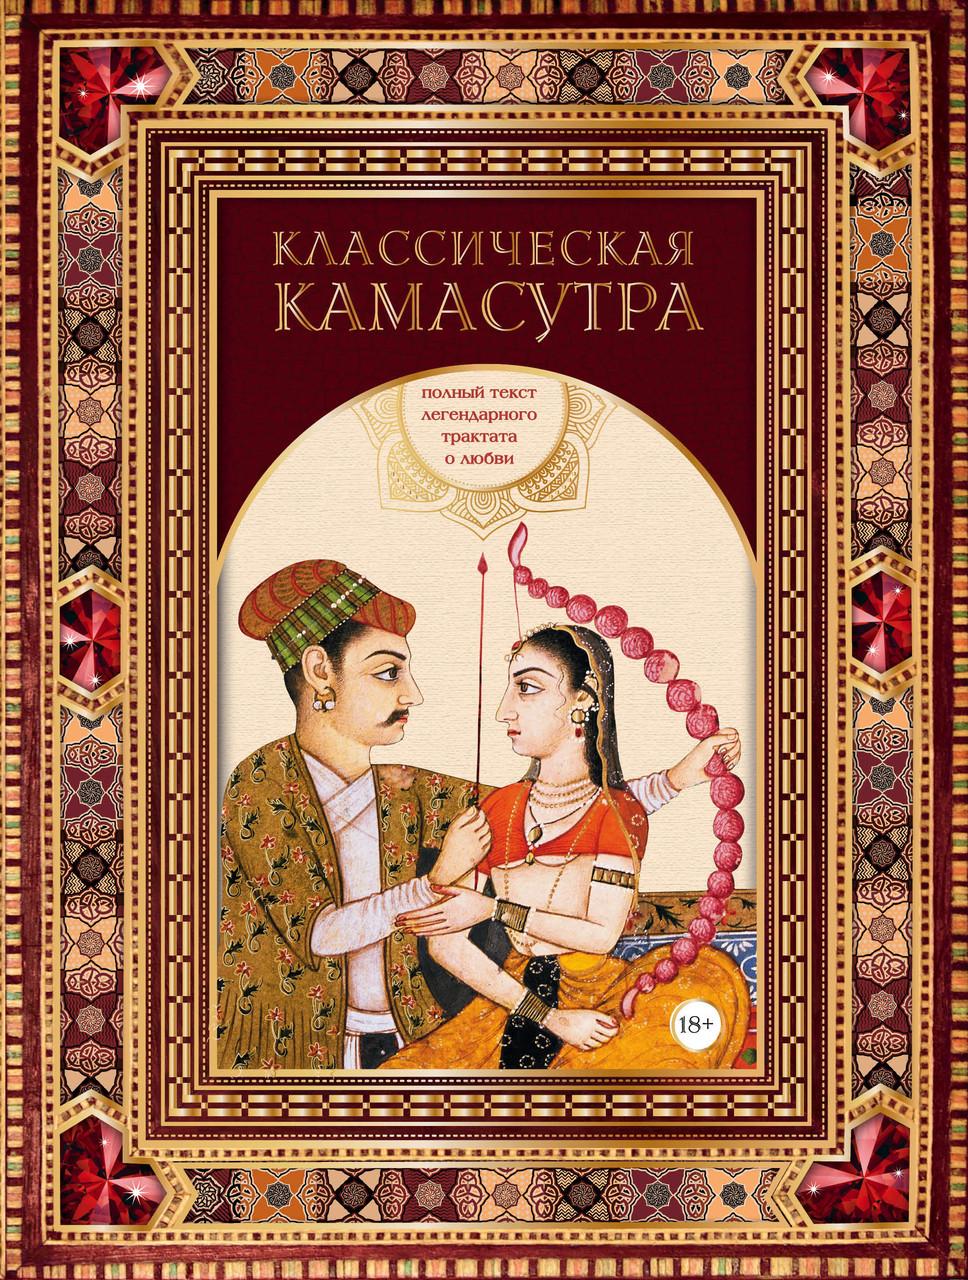 Ватсьяяна М. Классическая камасутра. Полный текст легендарного трактата о любви